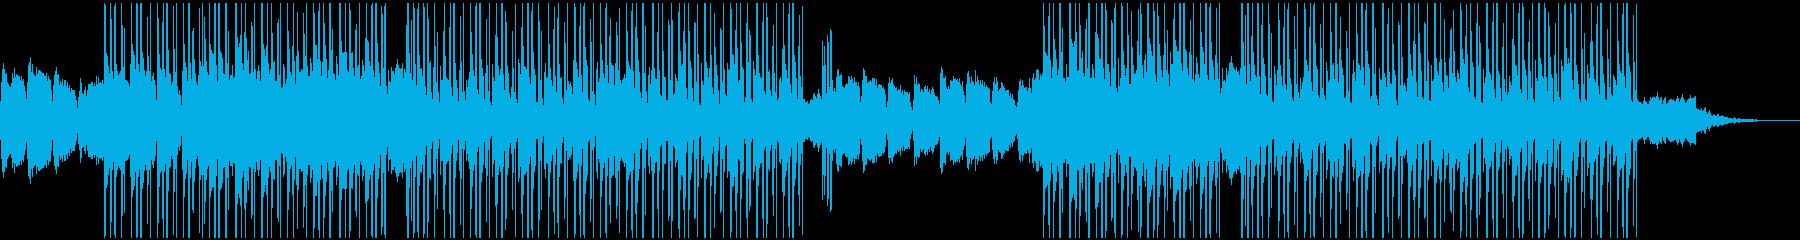 優しいピアノのBGM(チル系)の再生済みの波形